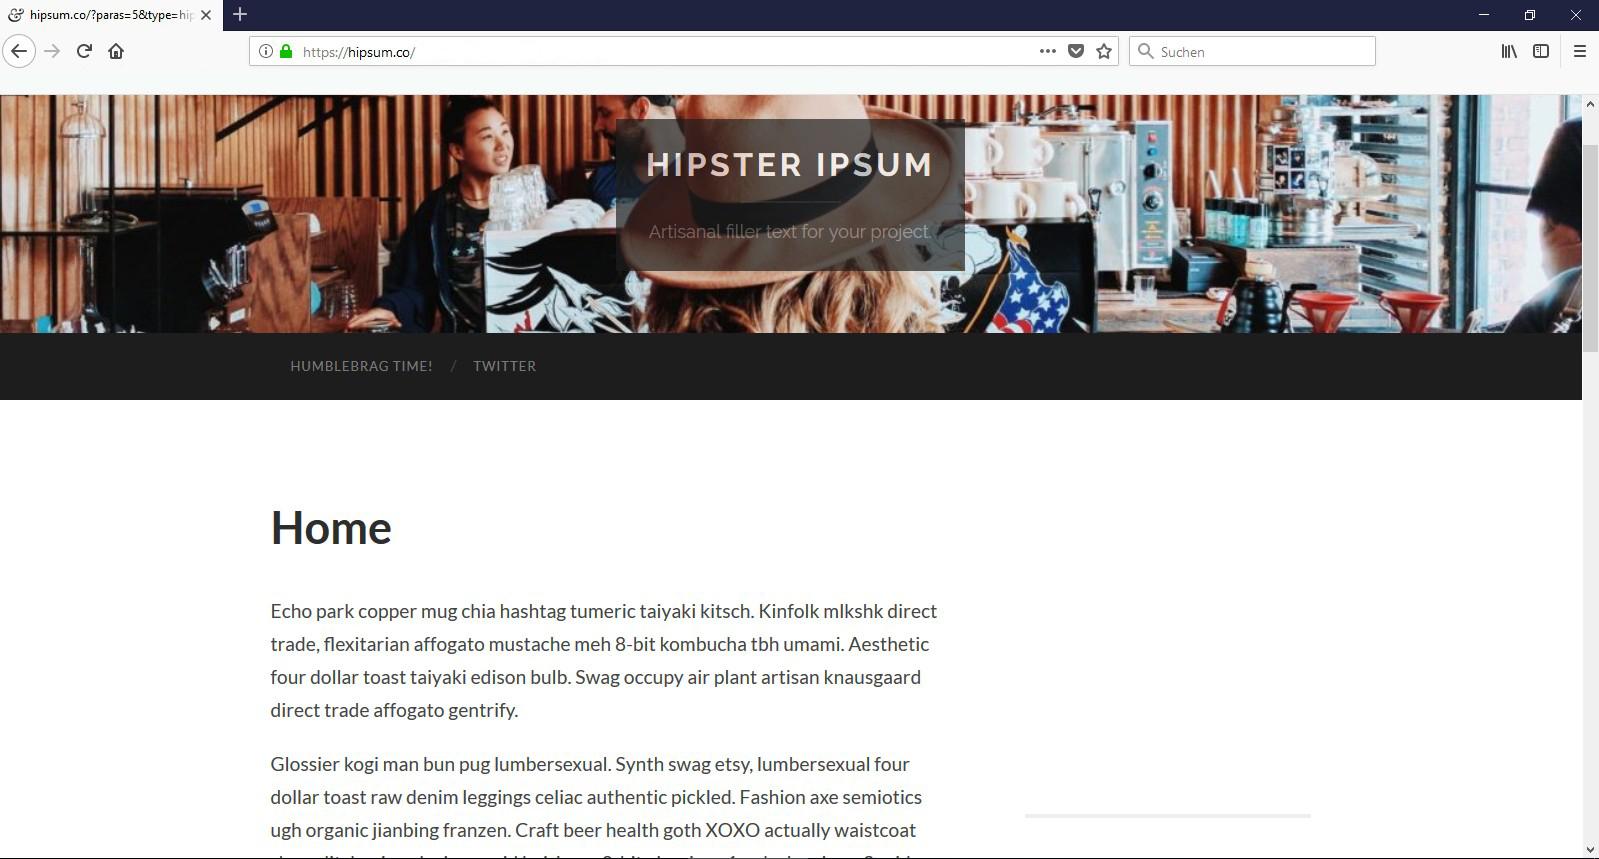 Sie sind ein echter Hipster? Dann nutzen Sie doch den dazu passenden Blindtext: Das Hipster Ipsum!